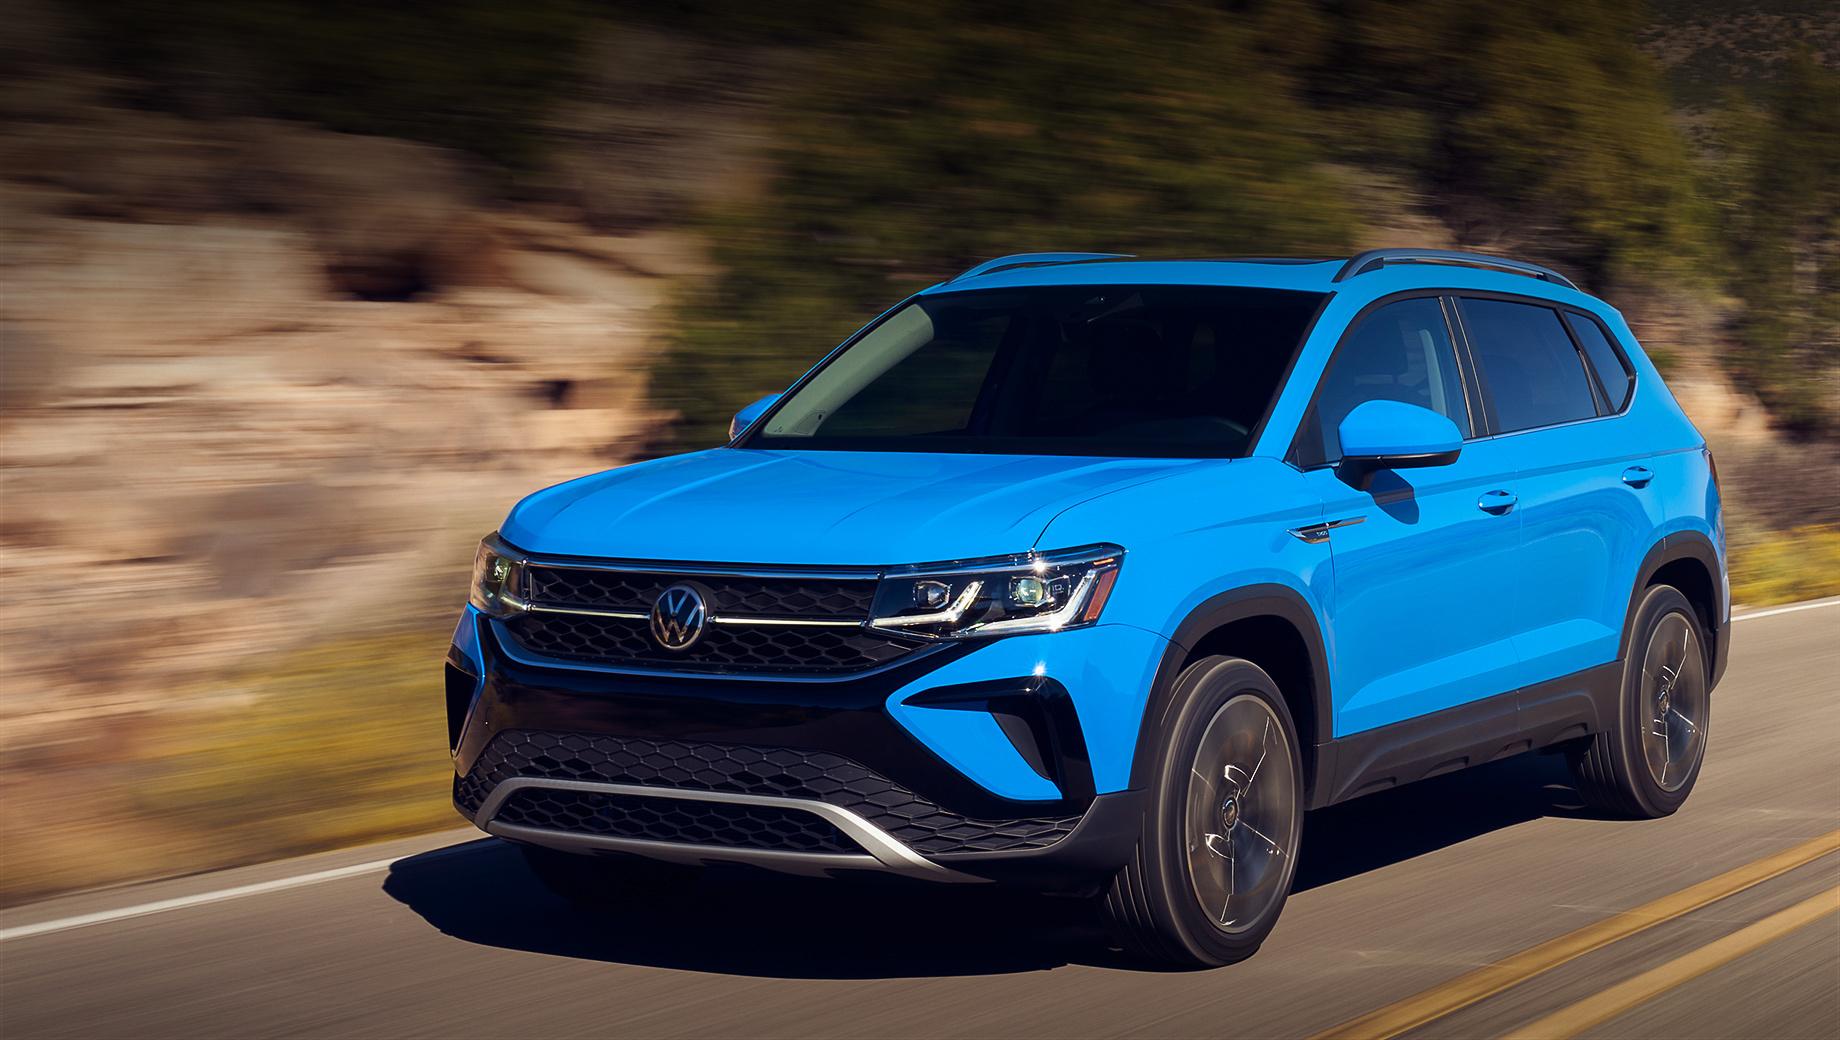 Volkswagen taos,Volkswagen tharu. Производитель указывает, что Taos внешне напоминает Atlas, Atlas Cross Sport, Tiguan и электрокар ID.4. Однако на деле компакт во многом унифицирован с моделями Tharu и Skoda Karoq, хотя по размерам заметно от них отличается: 4465×1842×1636 мм, колёсная база — 2690.